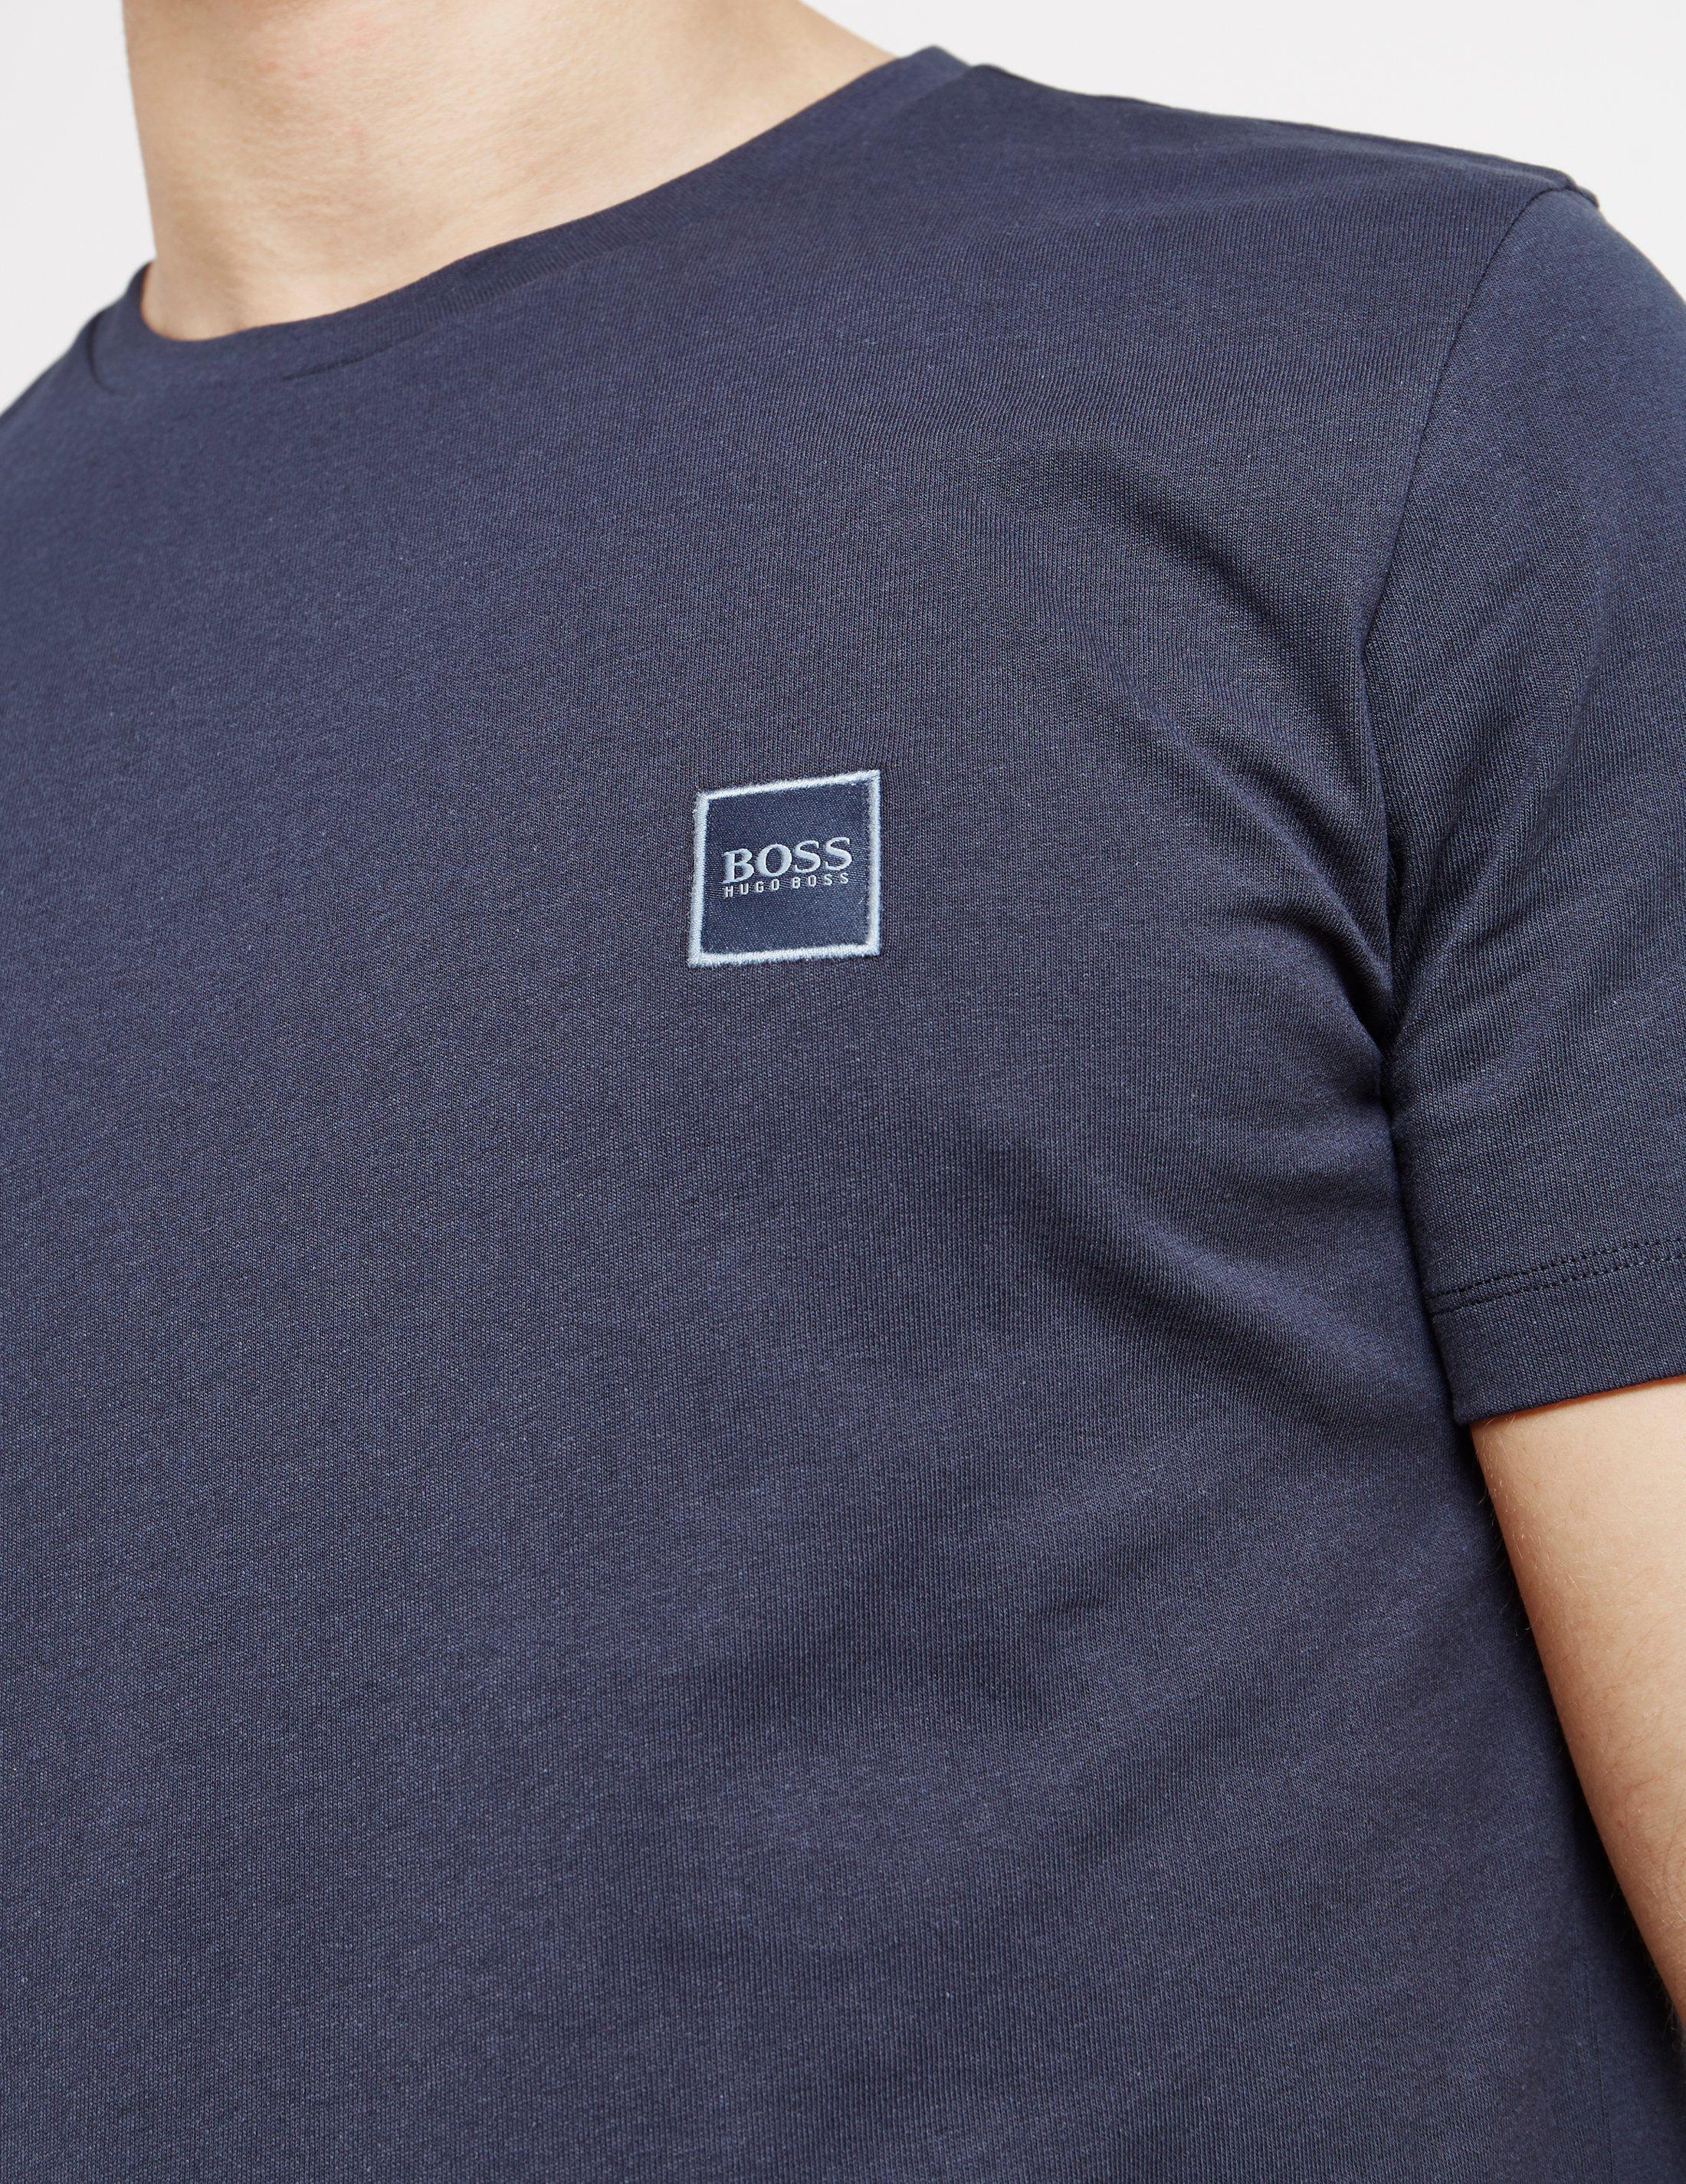 Hugo Boss Mens Tales T-Shirt in Navy